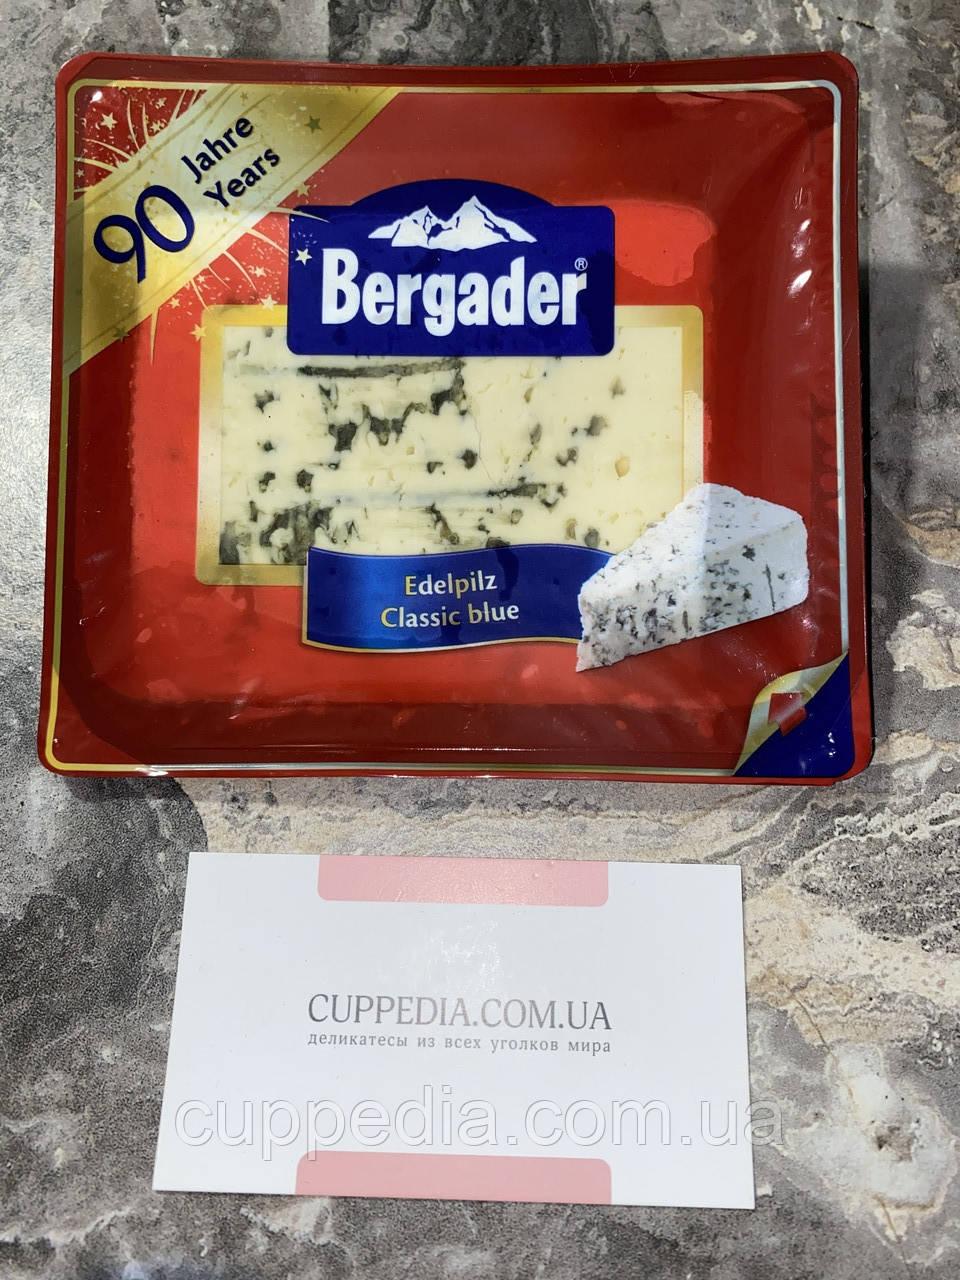 Сир bergader edelpilz classic blue з блакитною цвіллю 100 грм